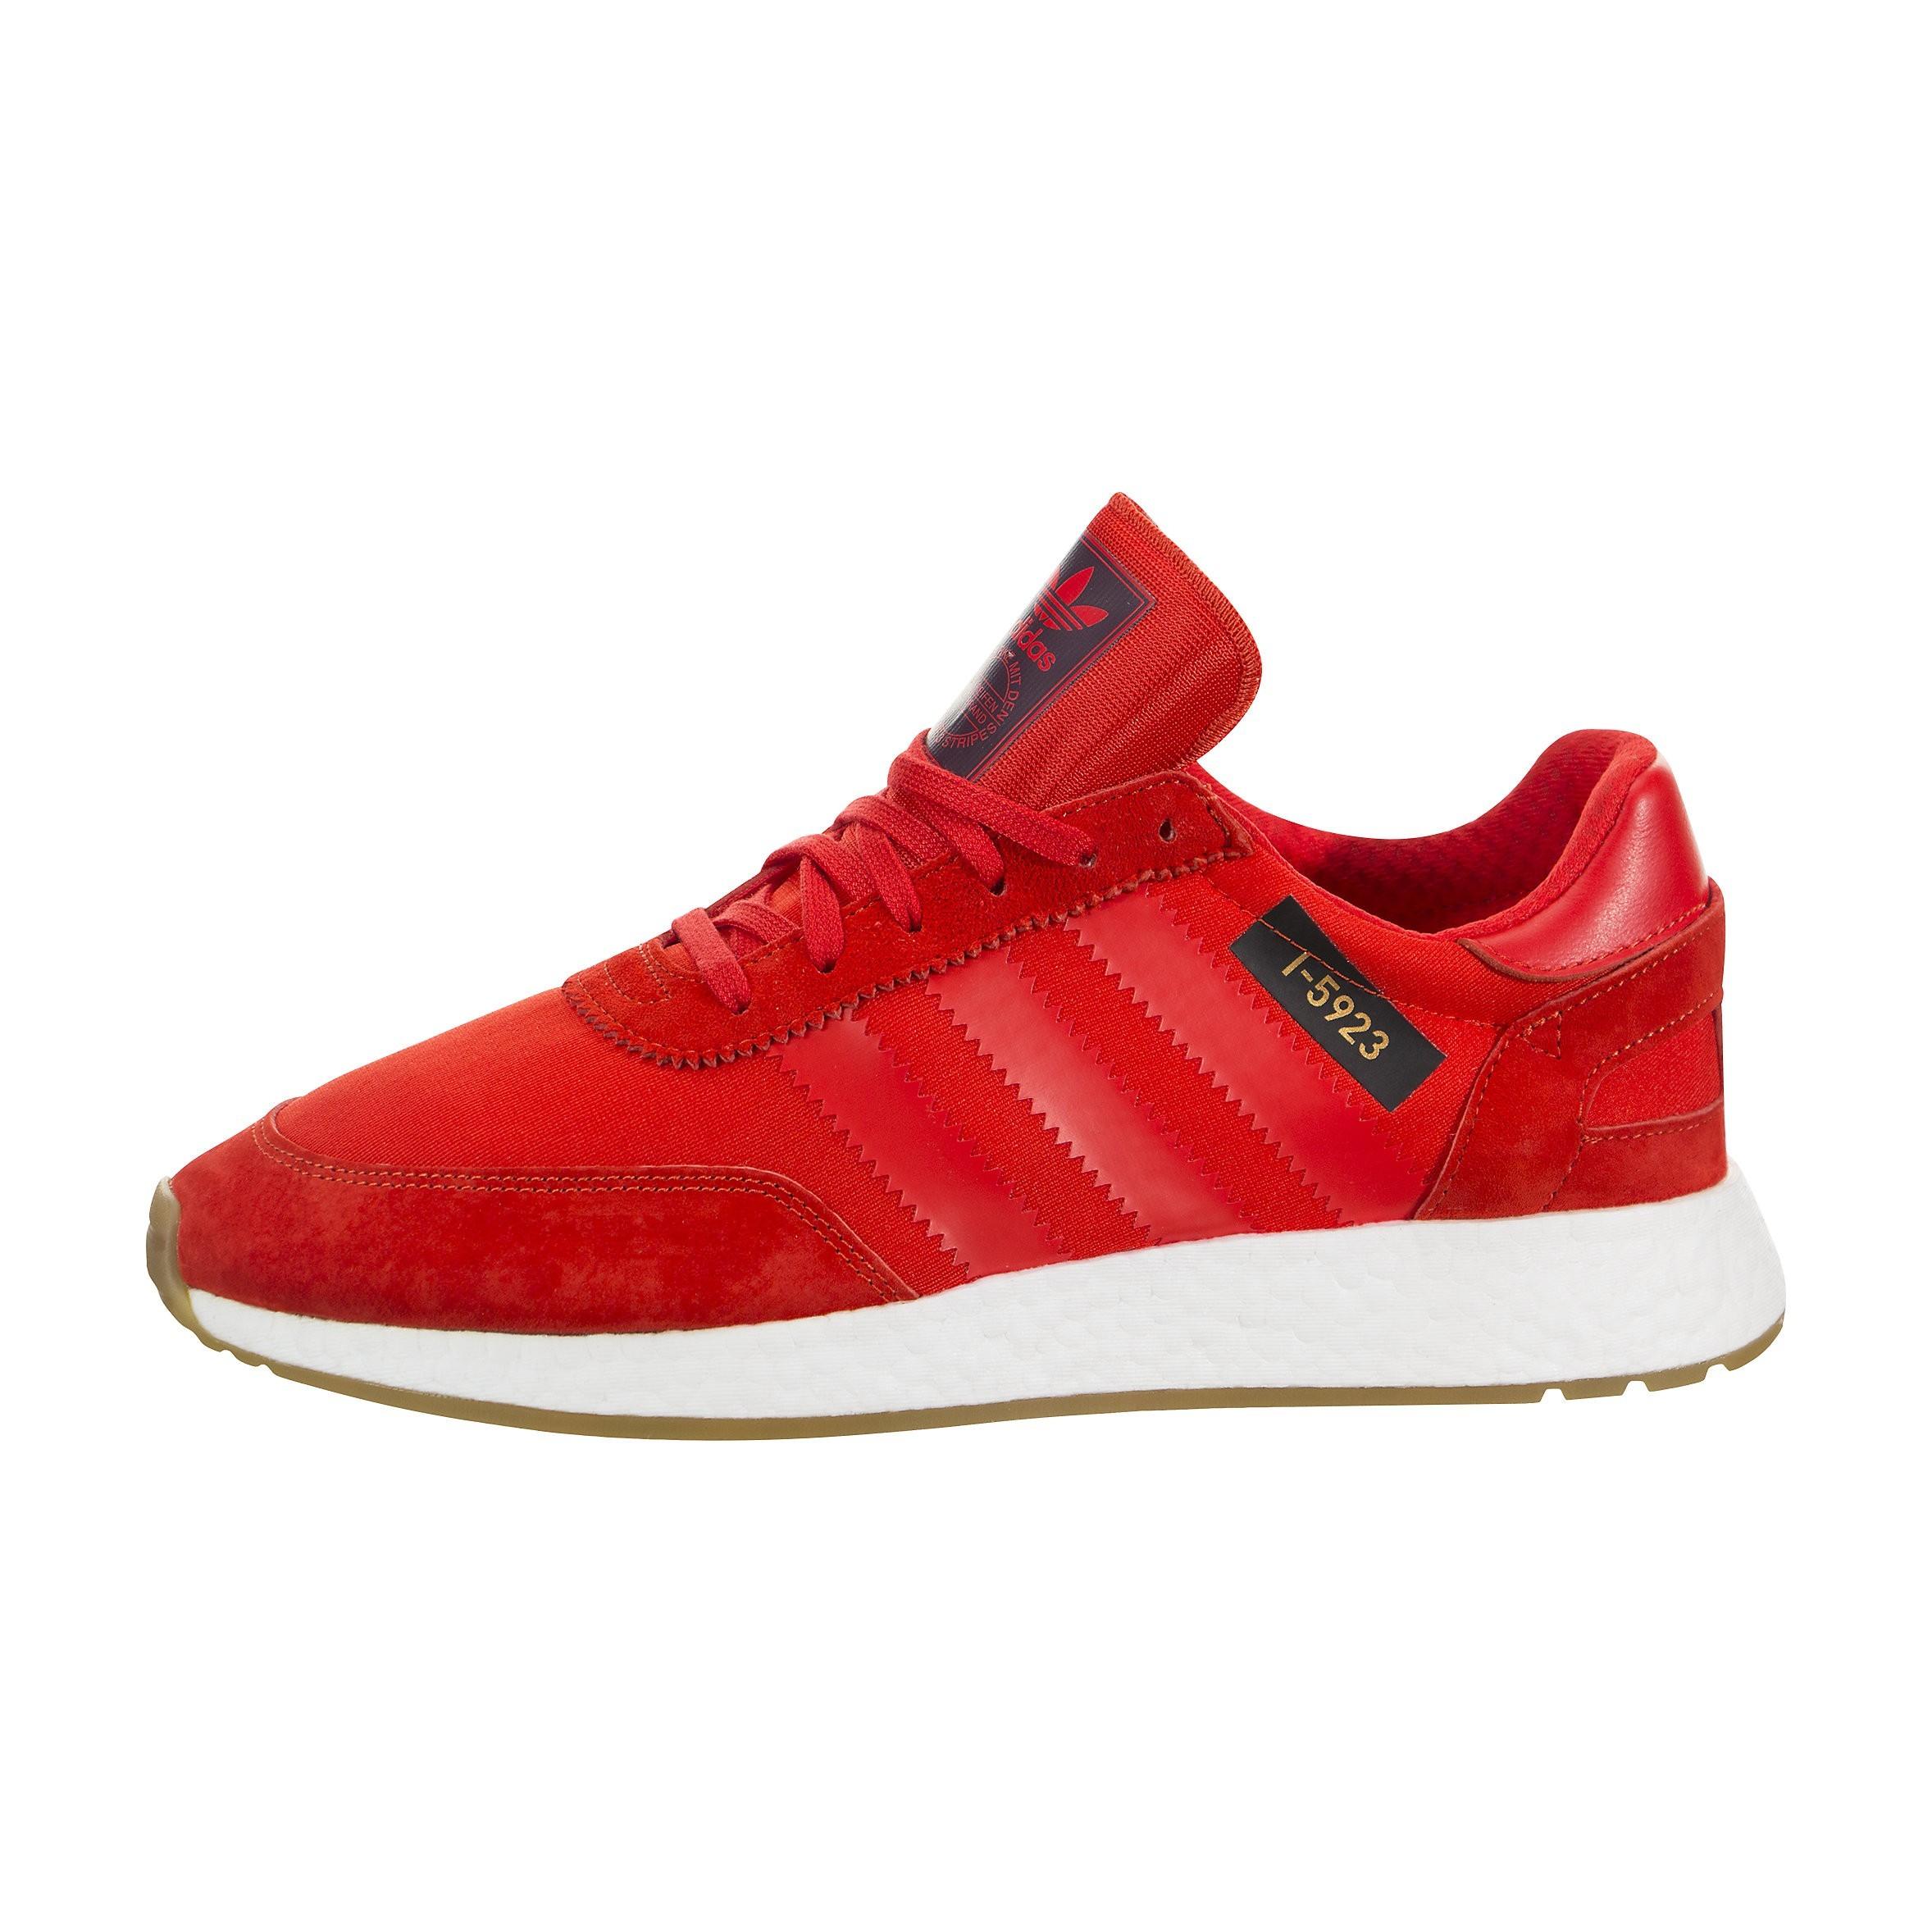 adidas Originals Iniki I-5923 Boost Rojas/Blancas b42225